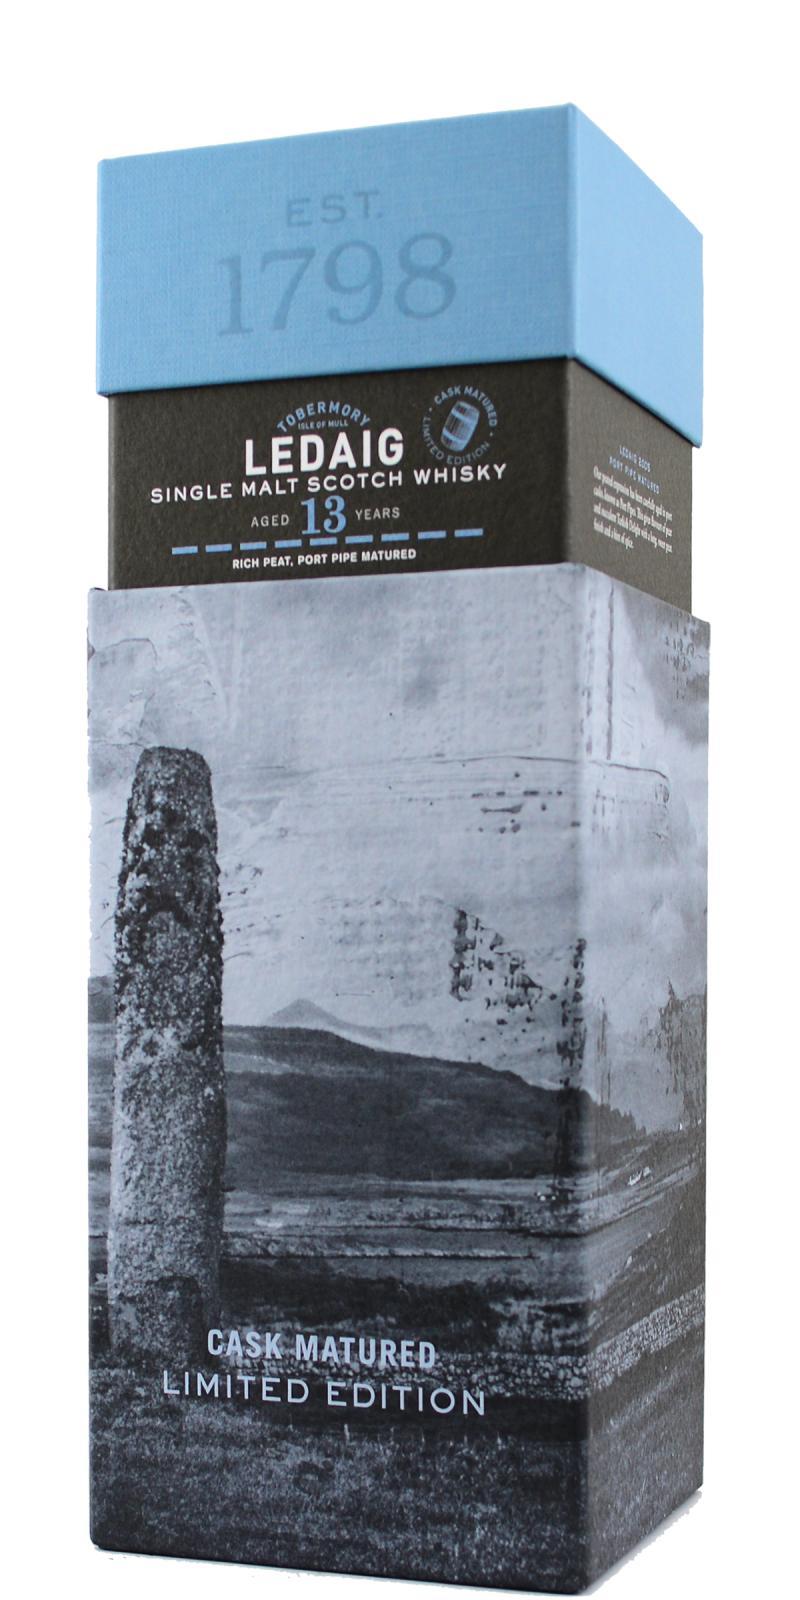 Ledaig 13-year-old